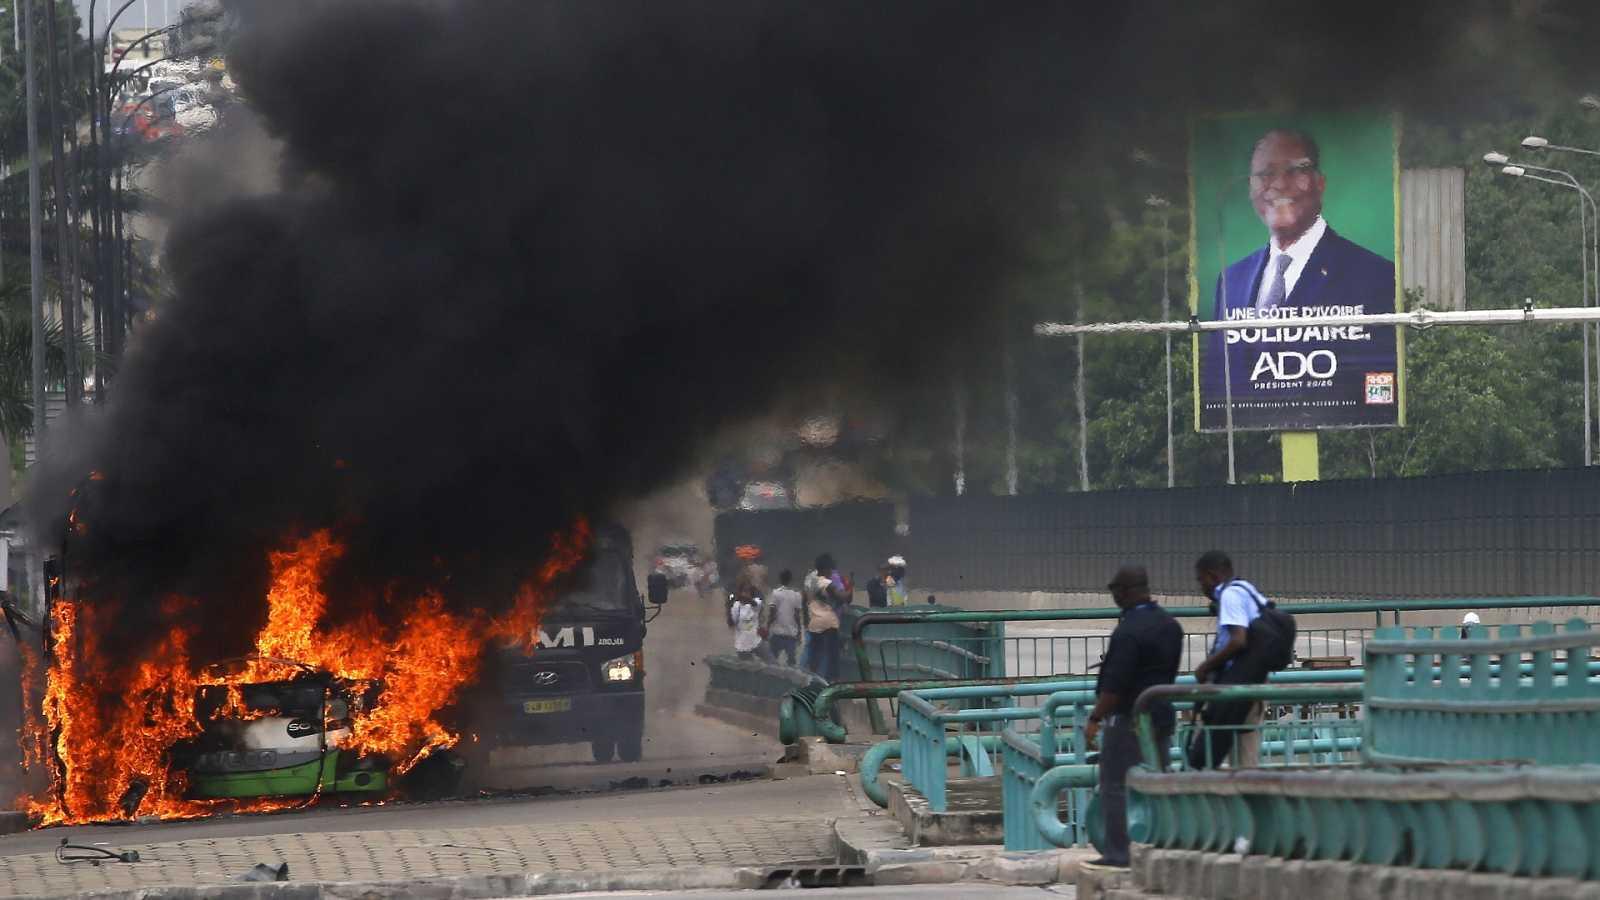 Reportajes 5 Continentes - En Costa de Marfil, tensiones antes de las presidenciales - Escuchar ahora